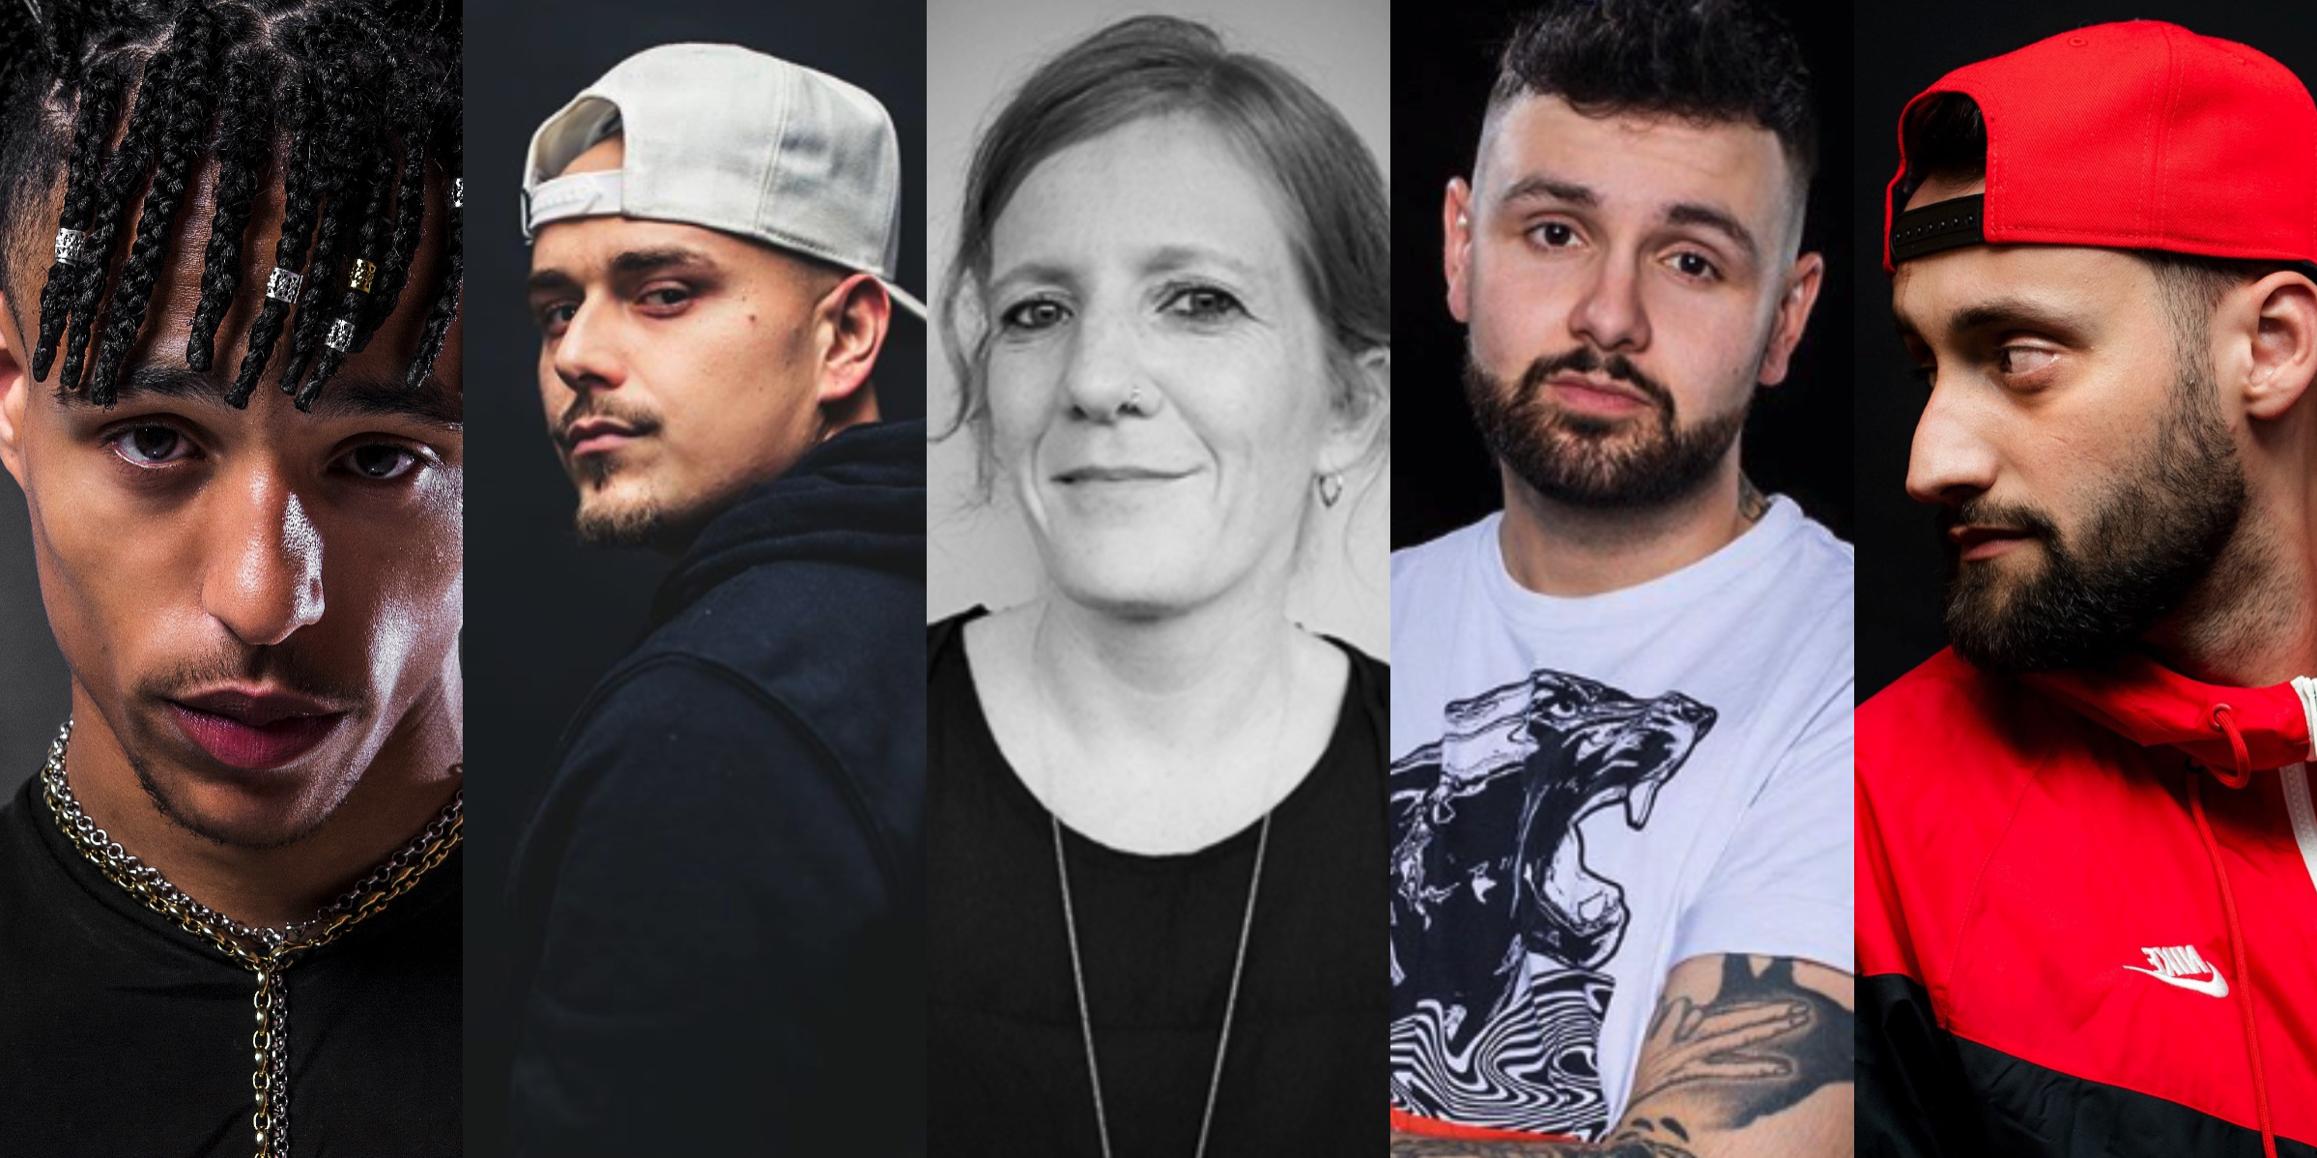 Geschlechterforscherin analysiert Schweizer Rap-Texte von EAZ, LCone, Xen und co.